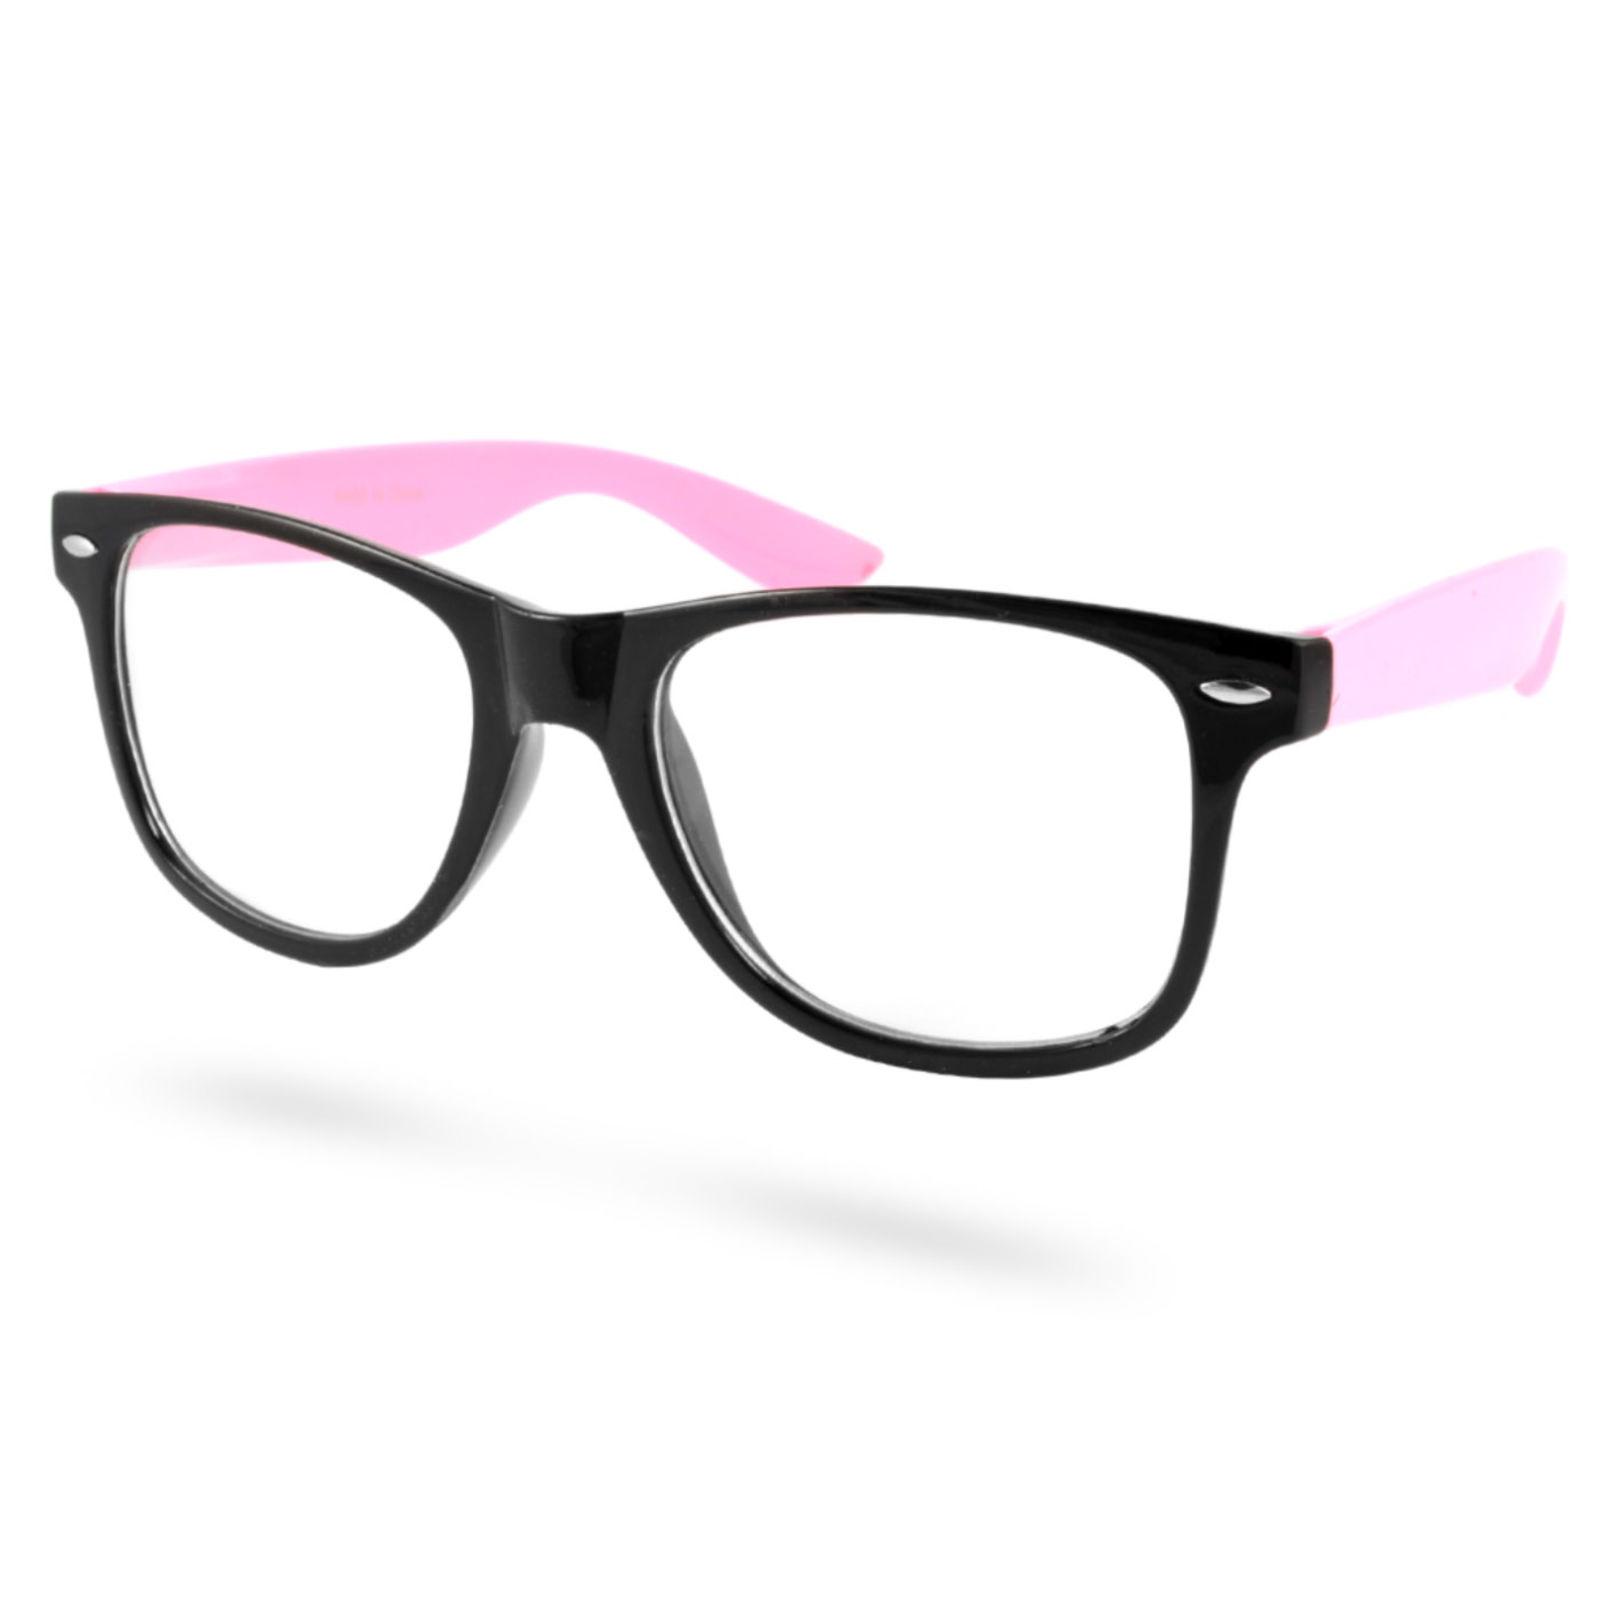 5216031cae05 Sorte Pink Briller Uden Styrke